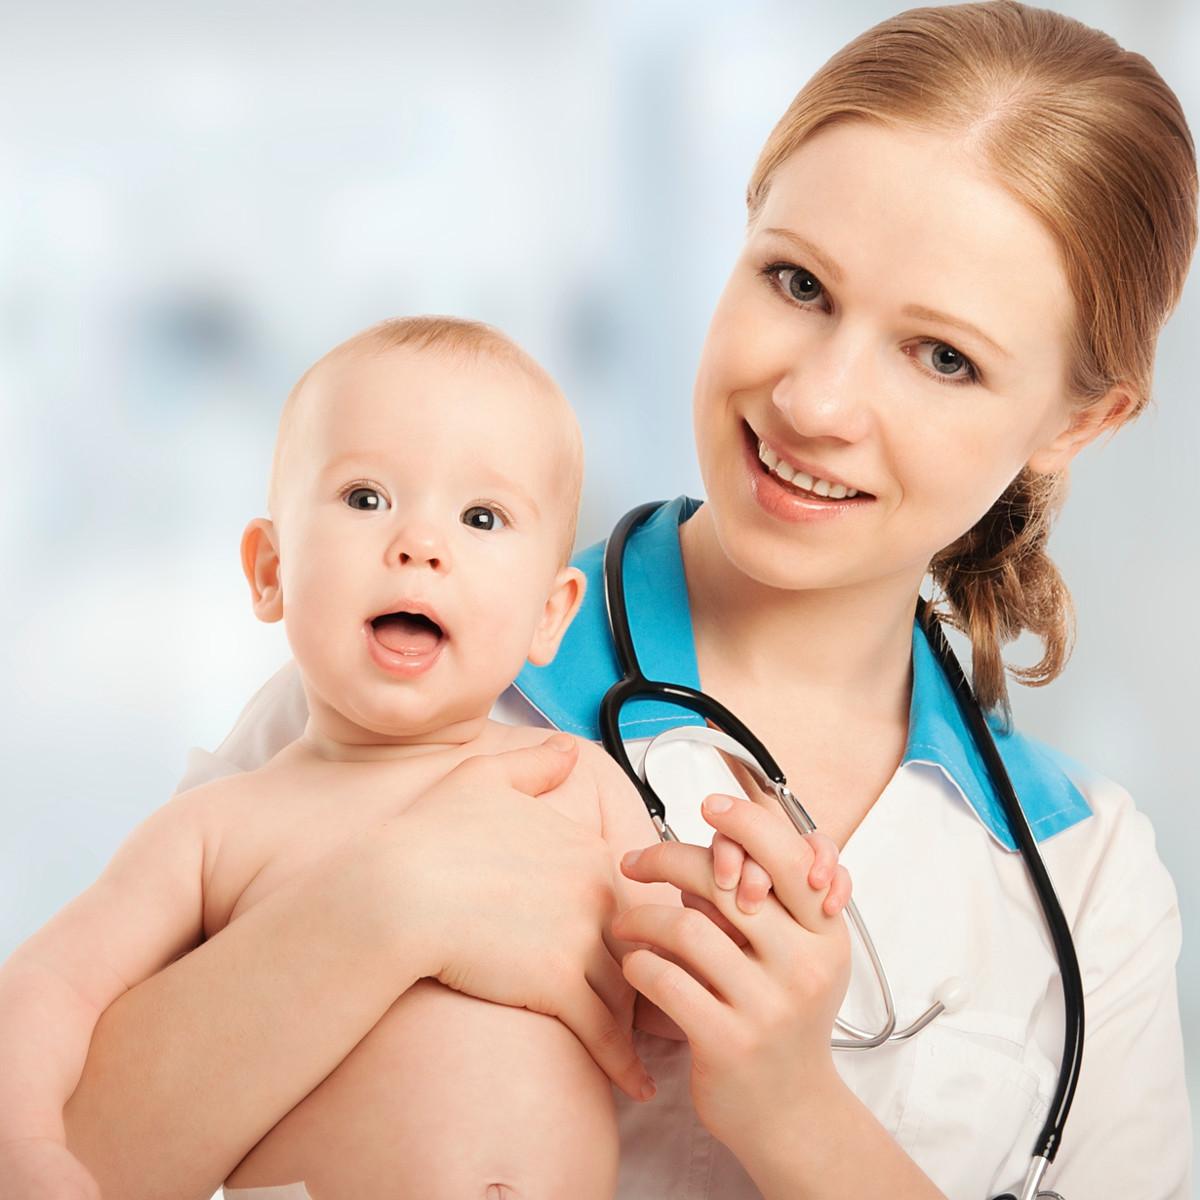 voce-confia-no-seu-pediatra-conhecimento